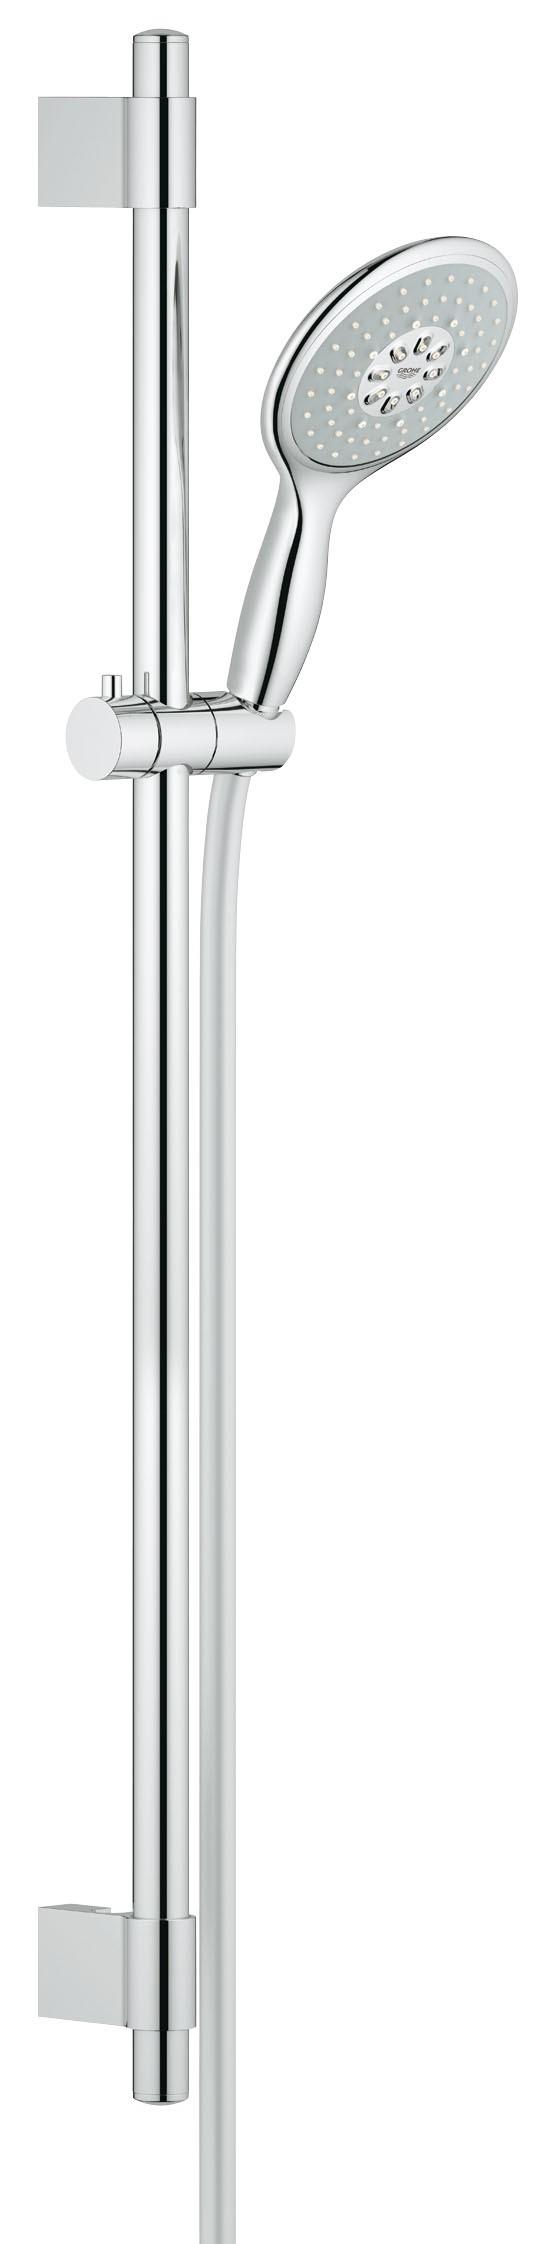 Grohe 27738000 Power&Soul 130 (ручной душ, штанга 900 мм, шланг 1750 мм) с ограничением расхода воды, хром (27738000)